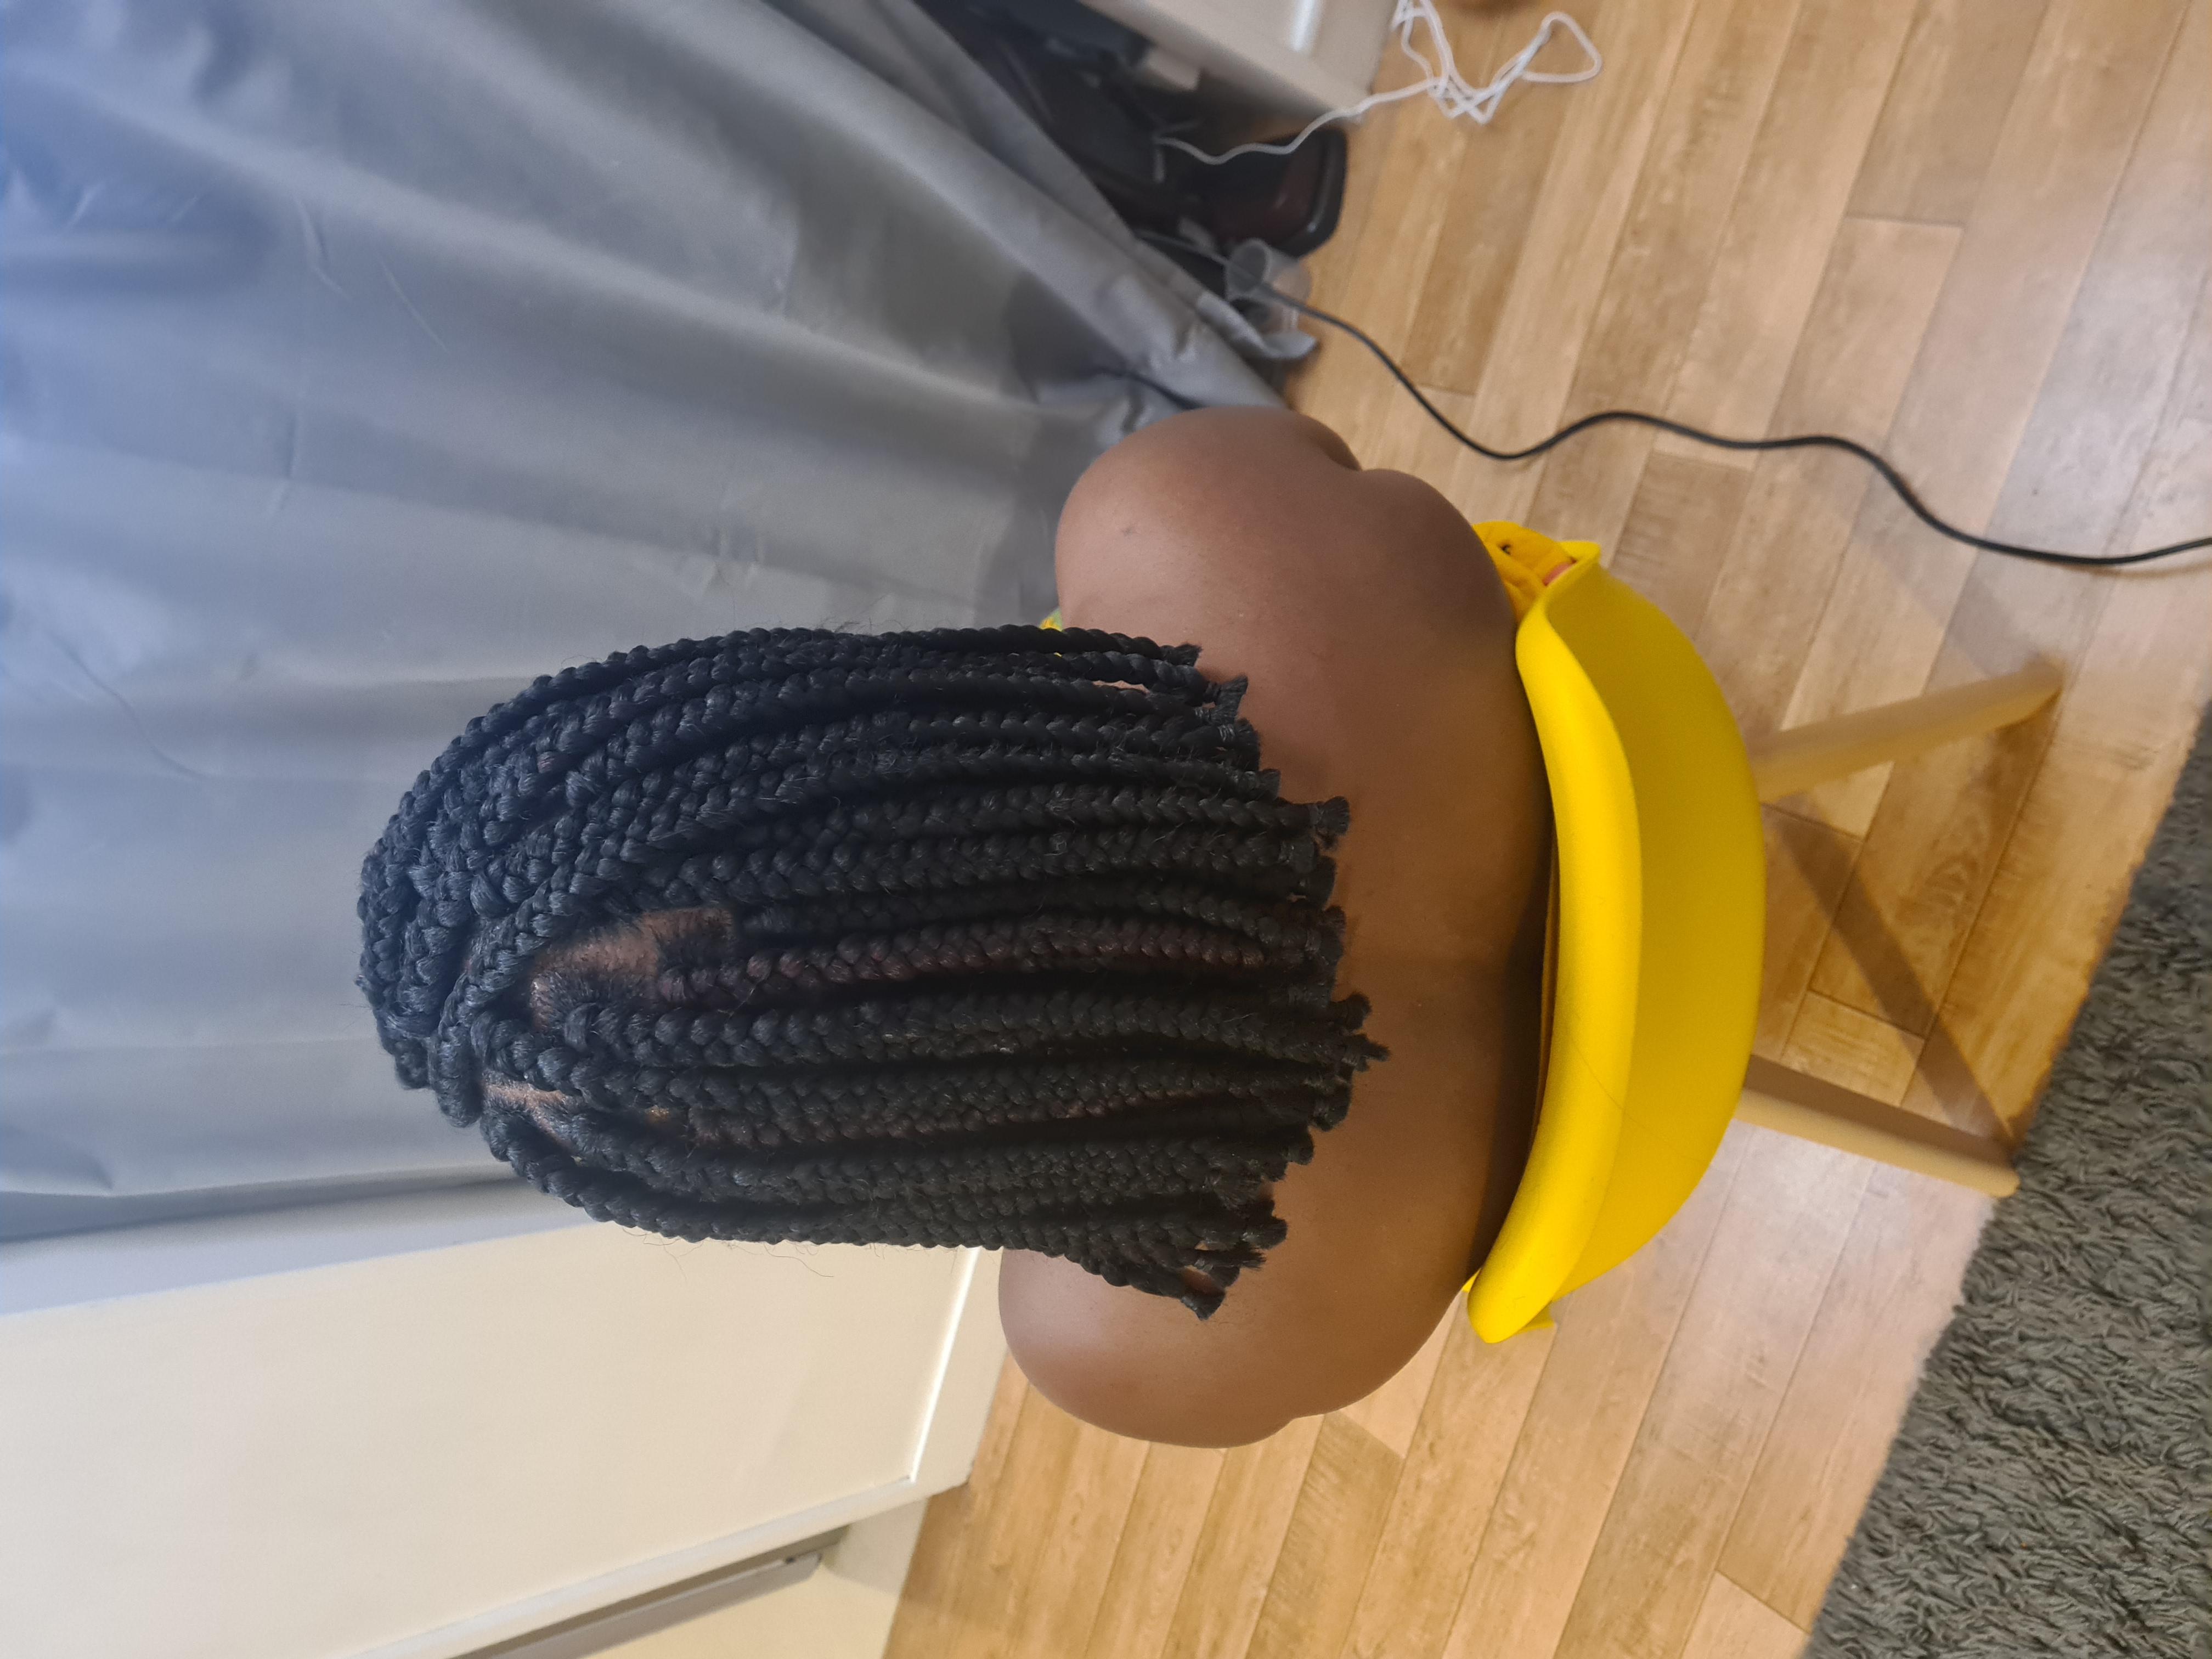 salon de coiffure afro tresse tresses box braids crochet braids vanilles tissages paris 75 77 78 91 92 93 94 95 ZKKQQJXC